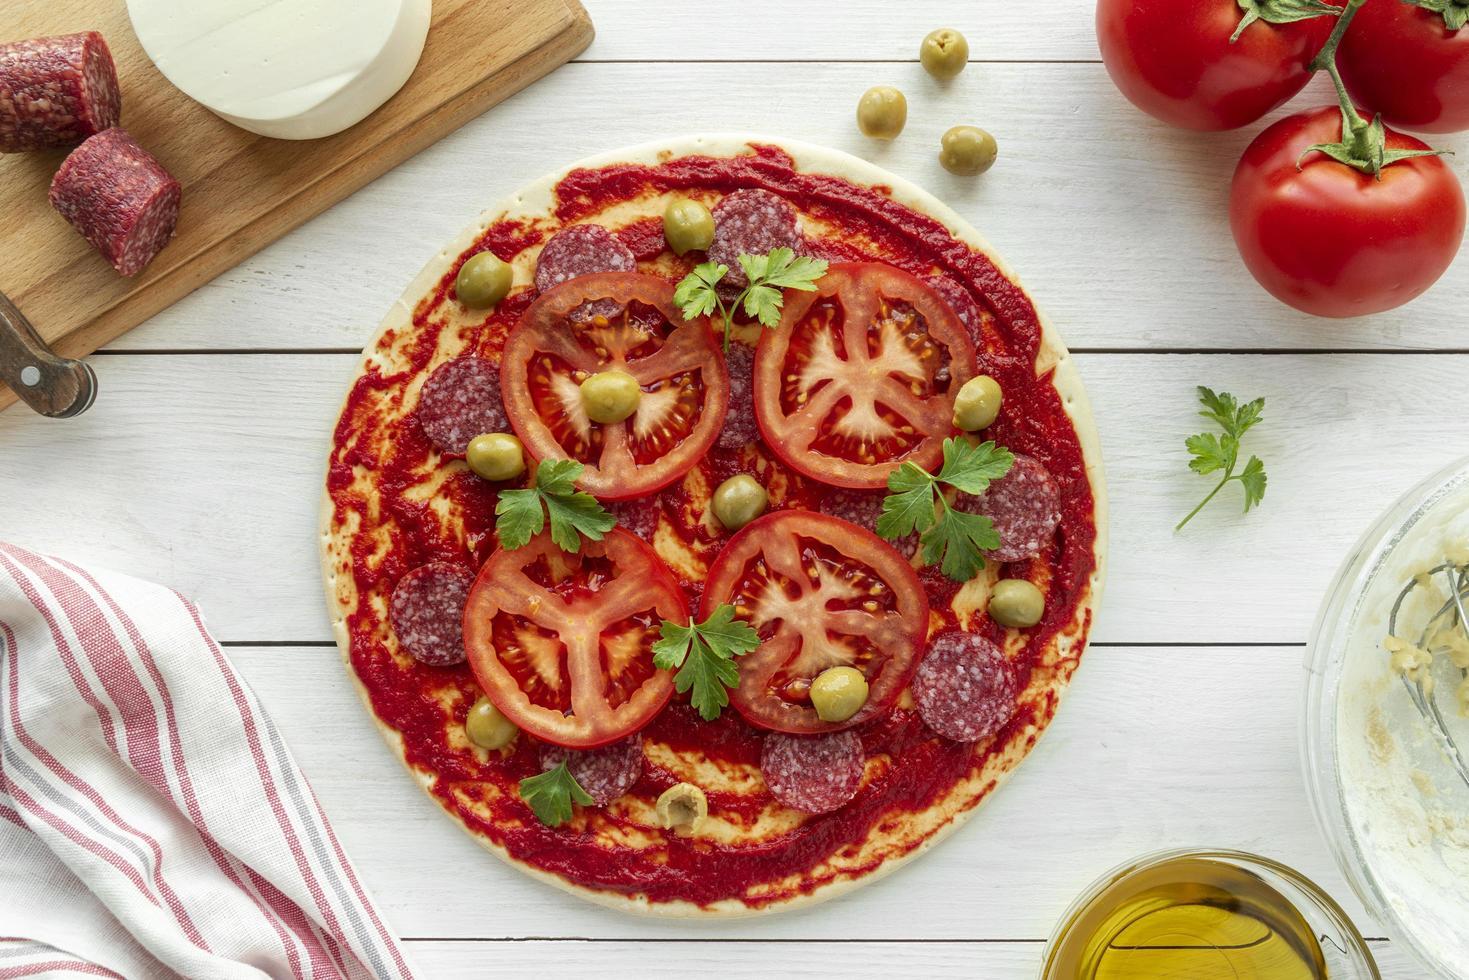 hemlagad pizza med tomater och oliver foto